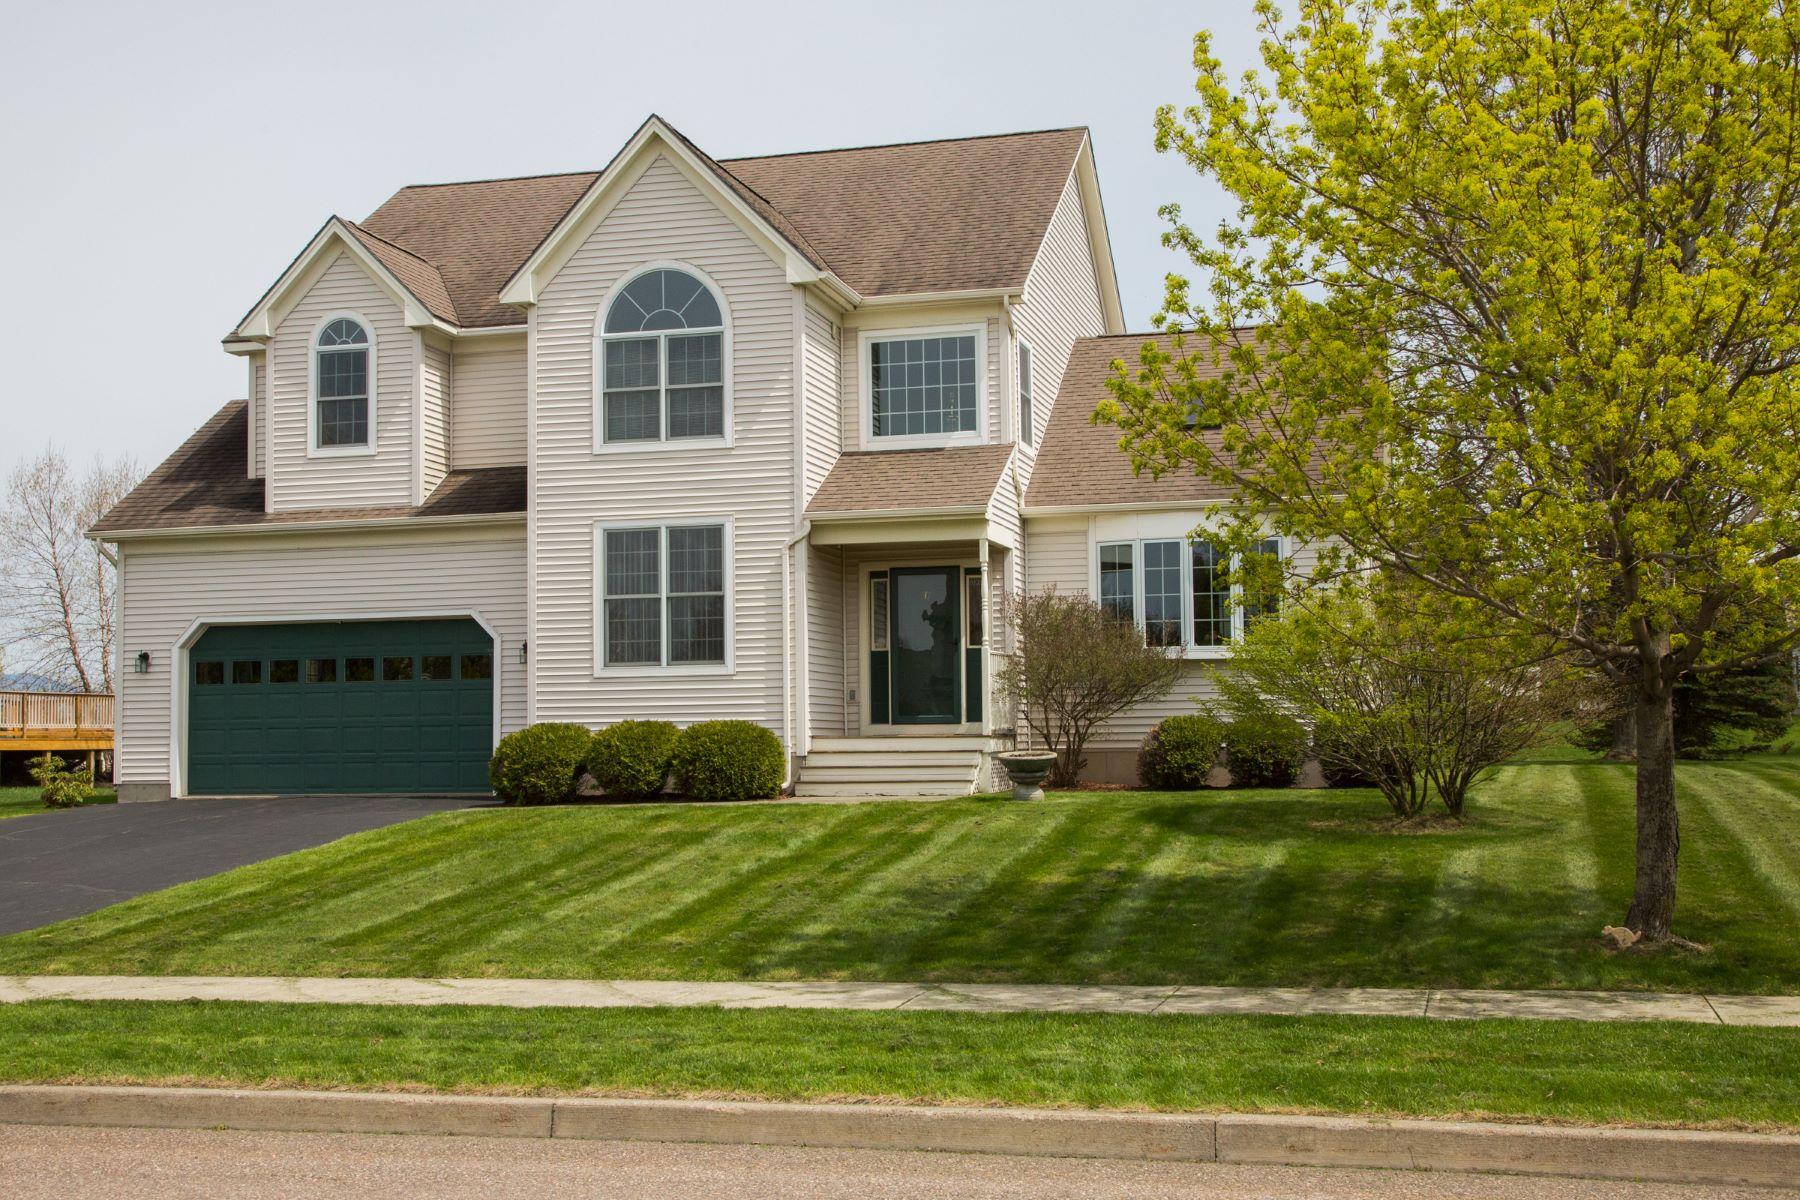 Частный односемейный дом для того Продажа на Butler Farms 17 Whiteface South Burlington, Вермонт 05403 Соединенные Штаты